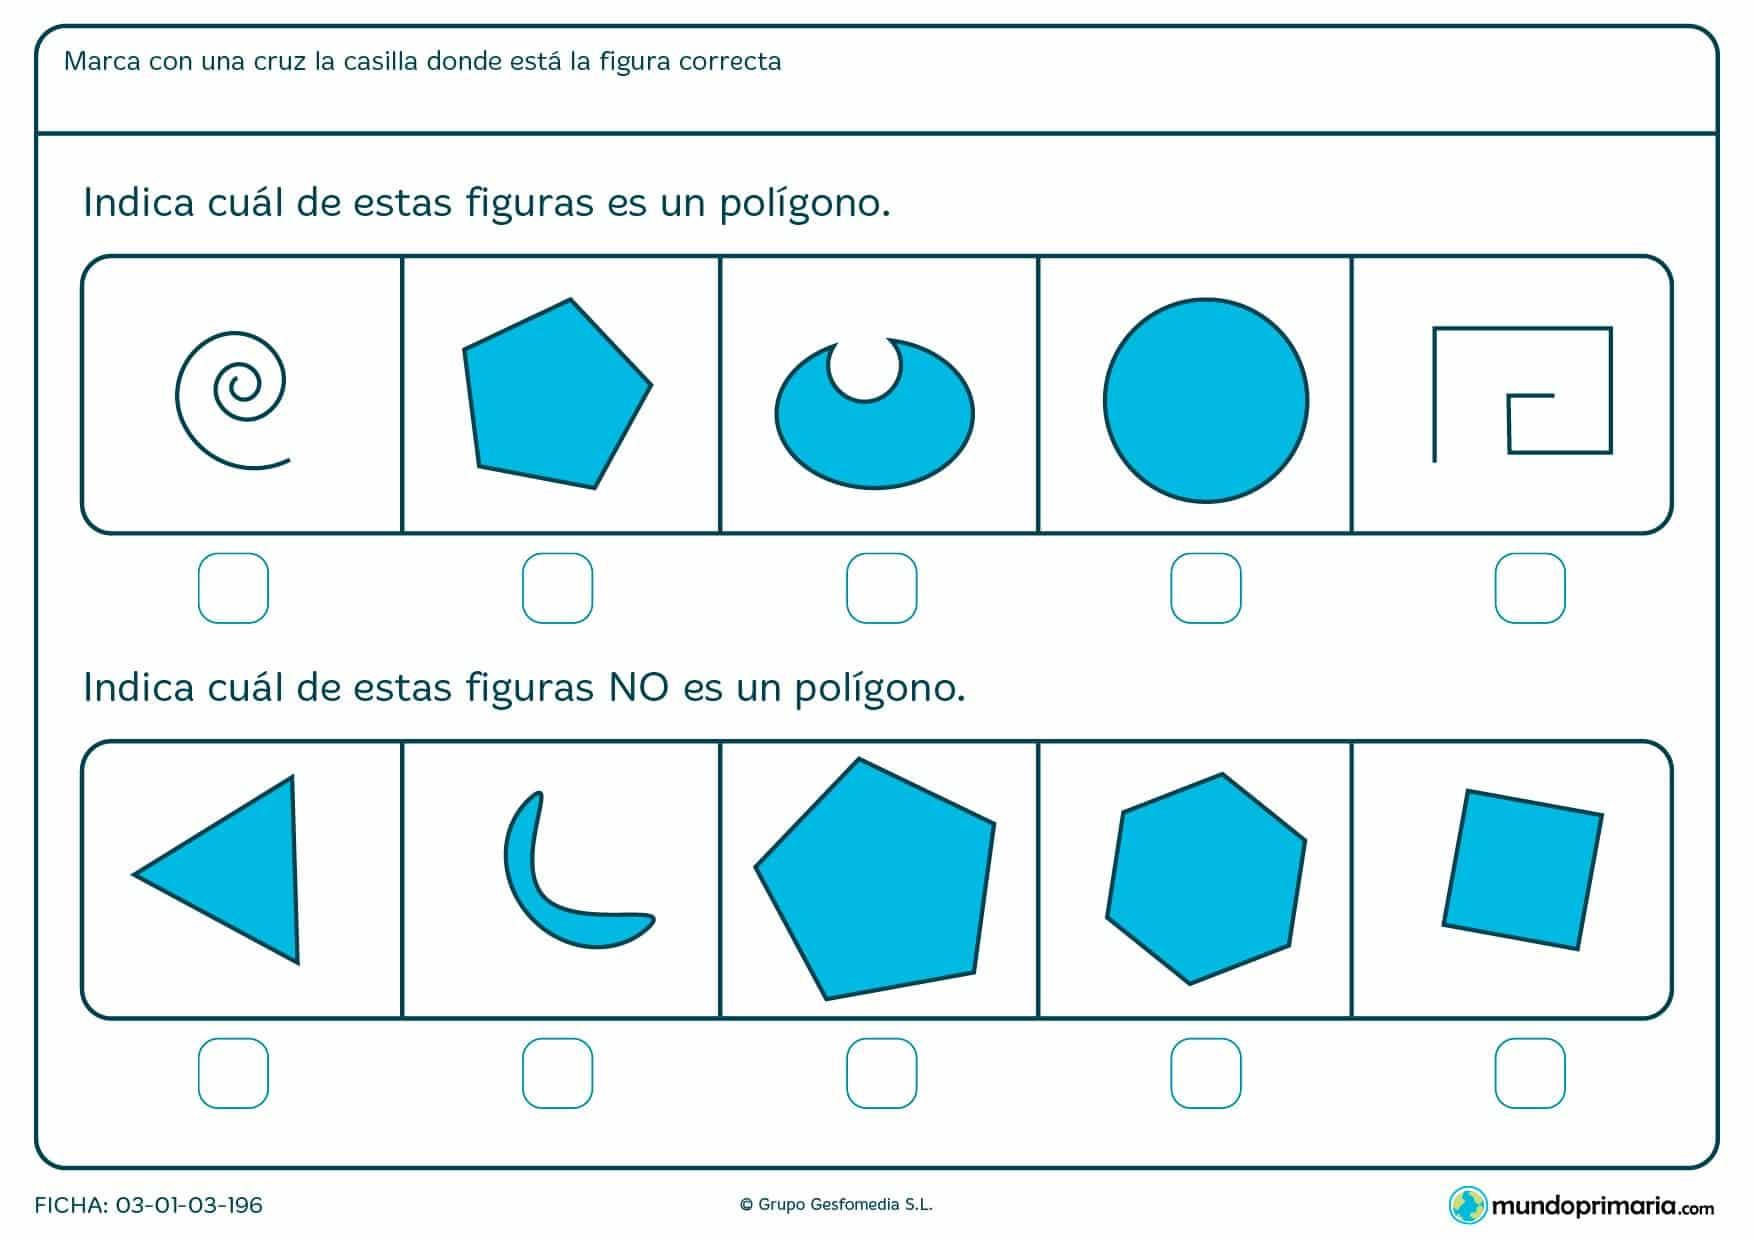 Ficha de cuerpos poligonales con ejercicios de repaso para niños de 6 años